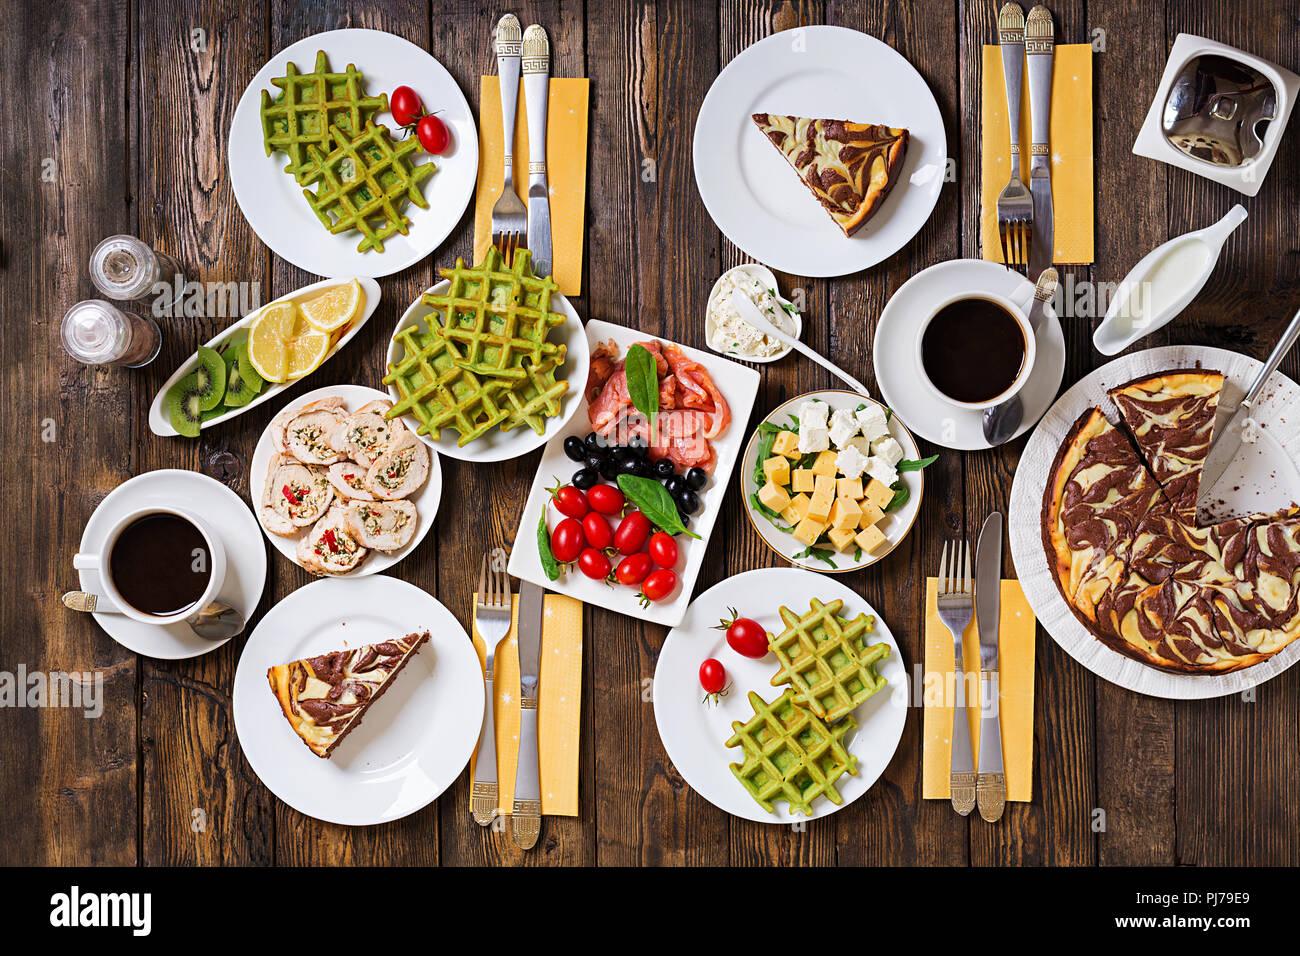 Petit déjeuner d'un tableau. Brunch de fête, ensemble avec divers repas gaufres Épinards, saumon, fromage, olives, roulades de poulet et le gâteau au fromage. Vue d'en haut. Mise à plat Photo Stock